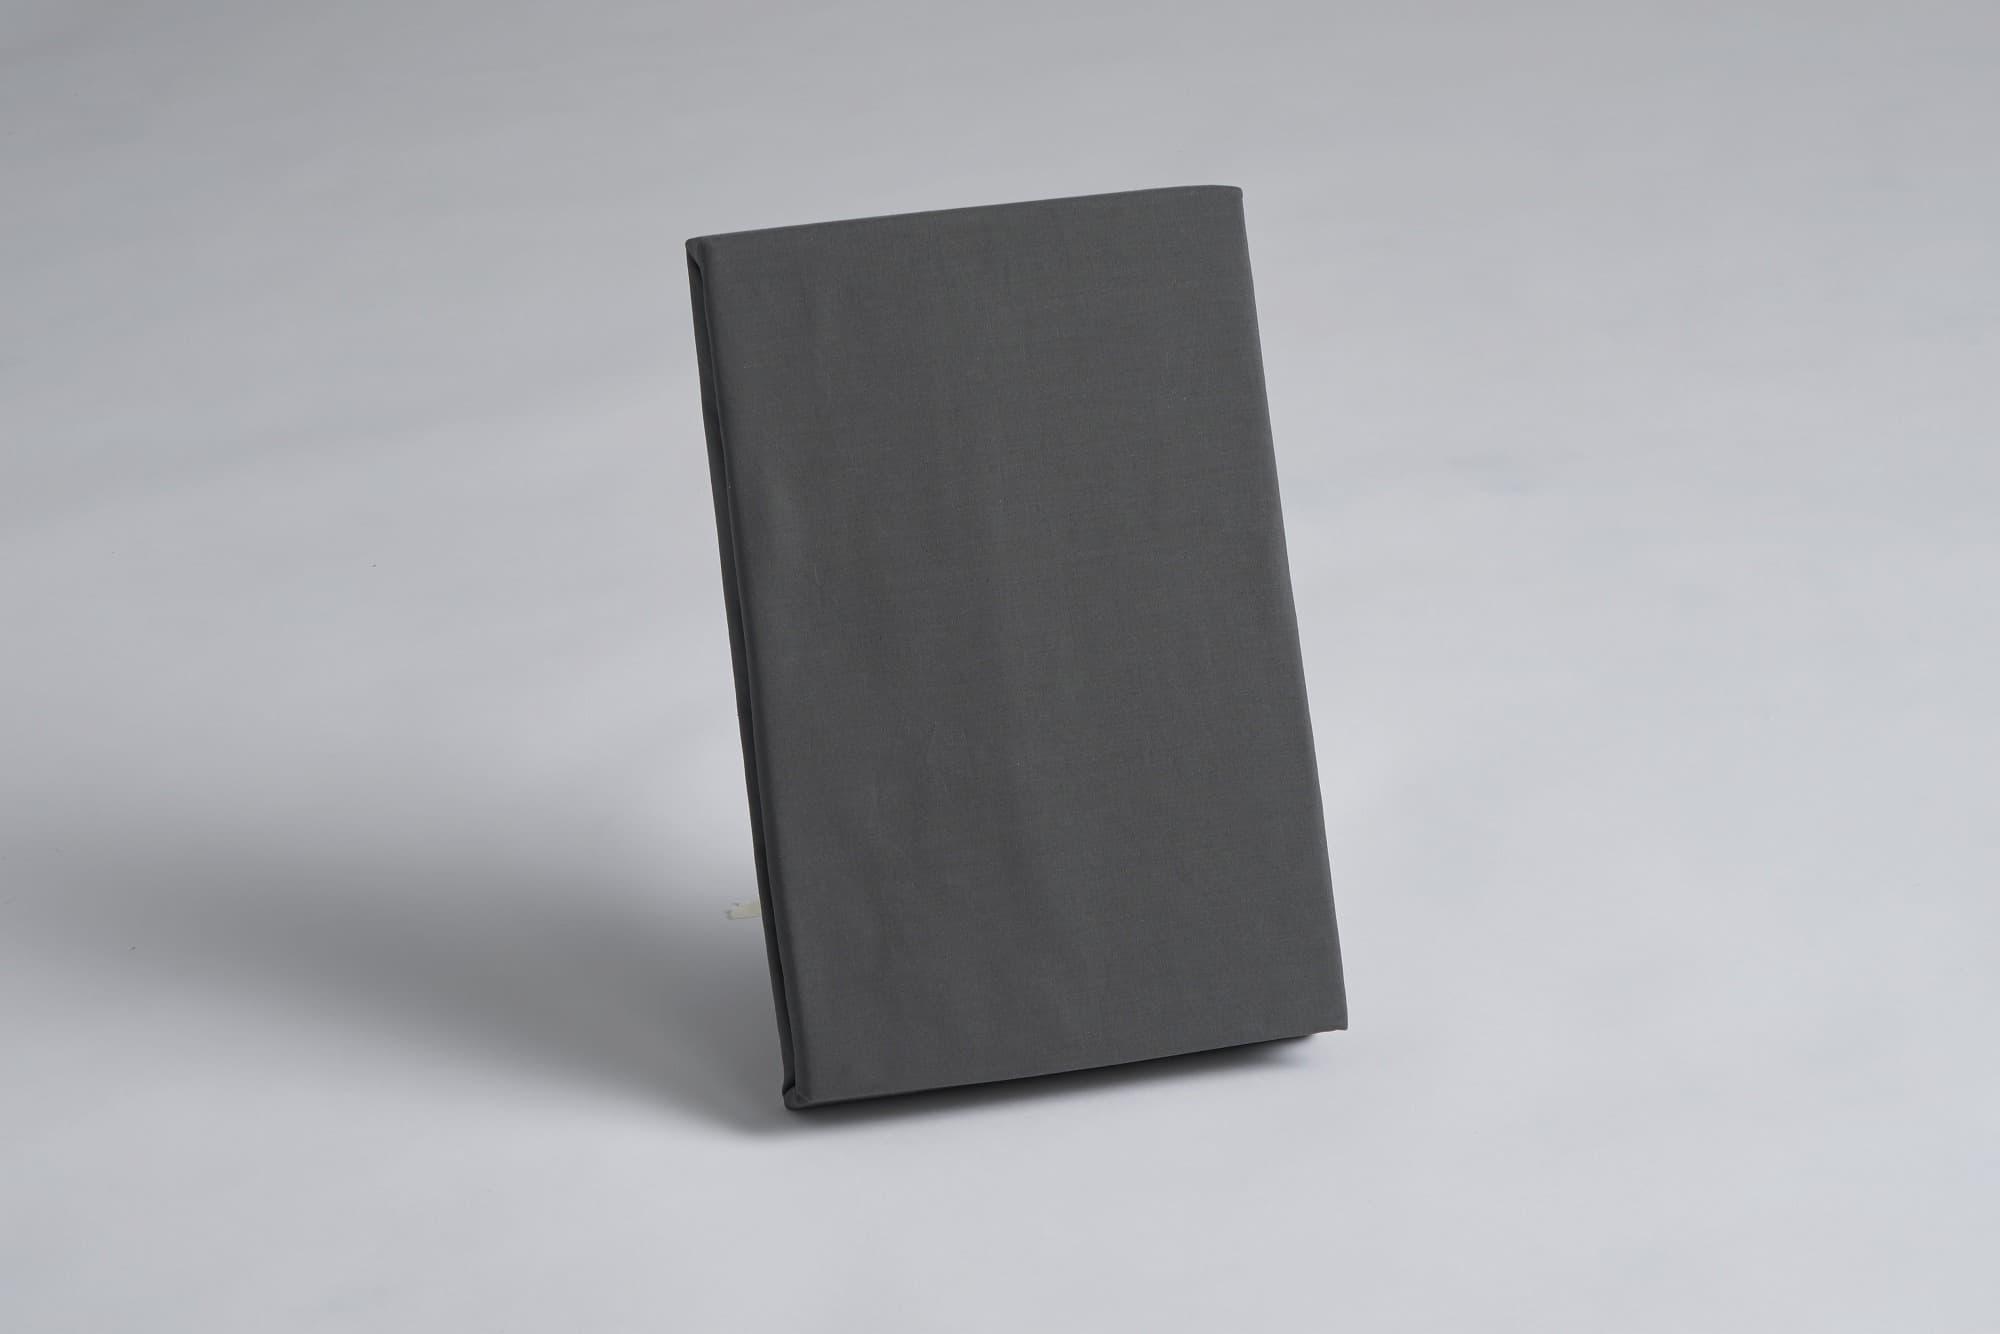 ボックスシーツ キング2用 30H グレー:《綿100%を使用したボックスシーツ》